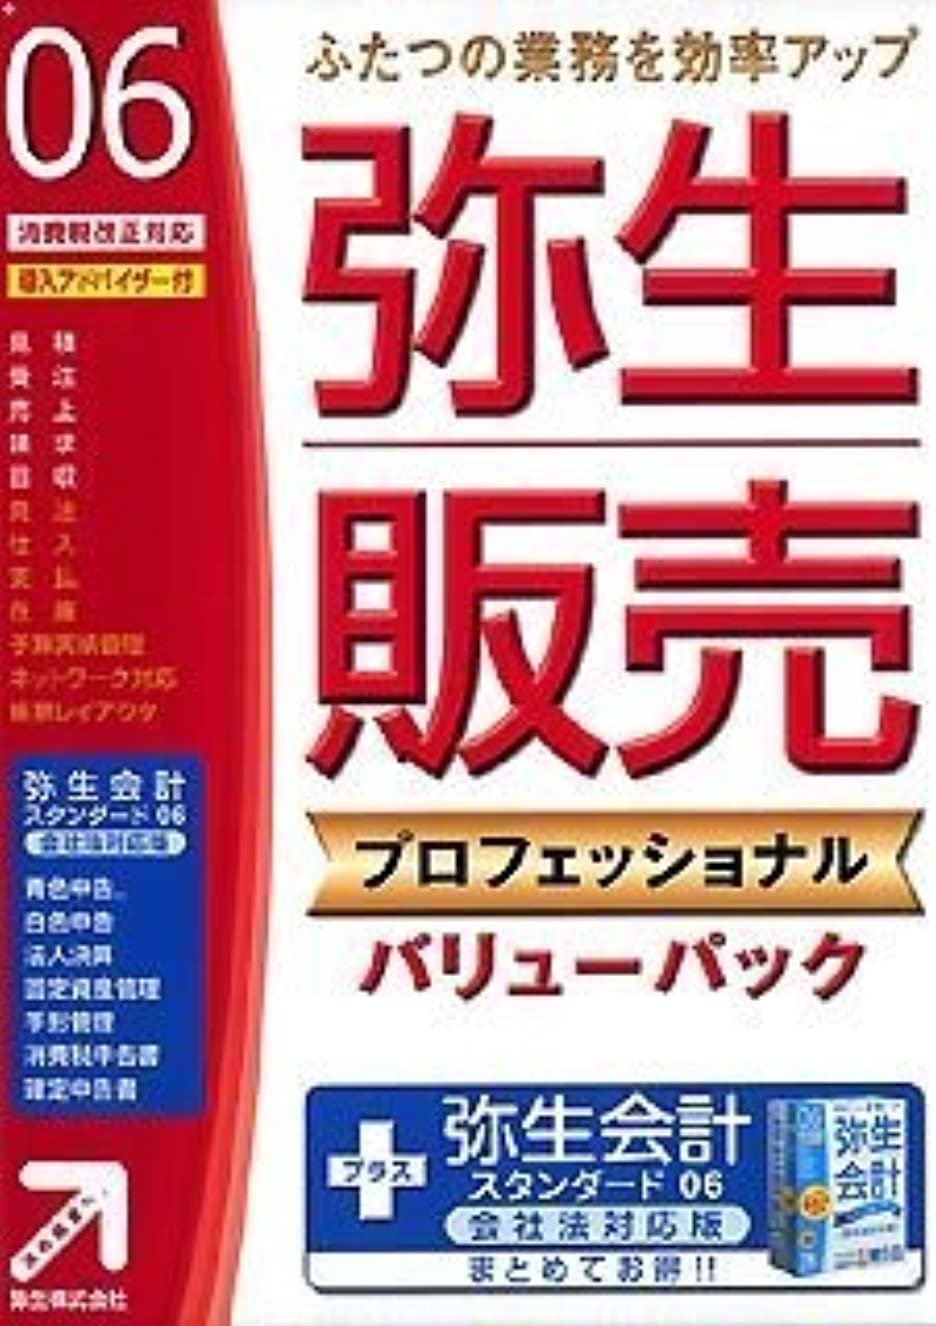 オプショナル重要版【旧商品】弥生販売 プロフェッショナル 06 バリューパック 会社法対応版